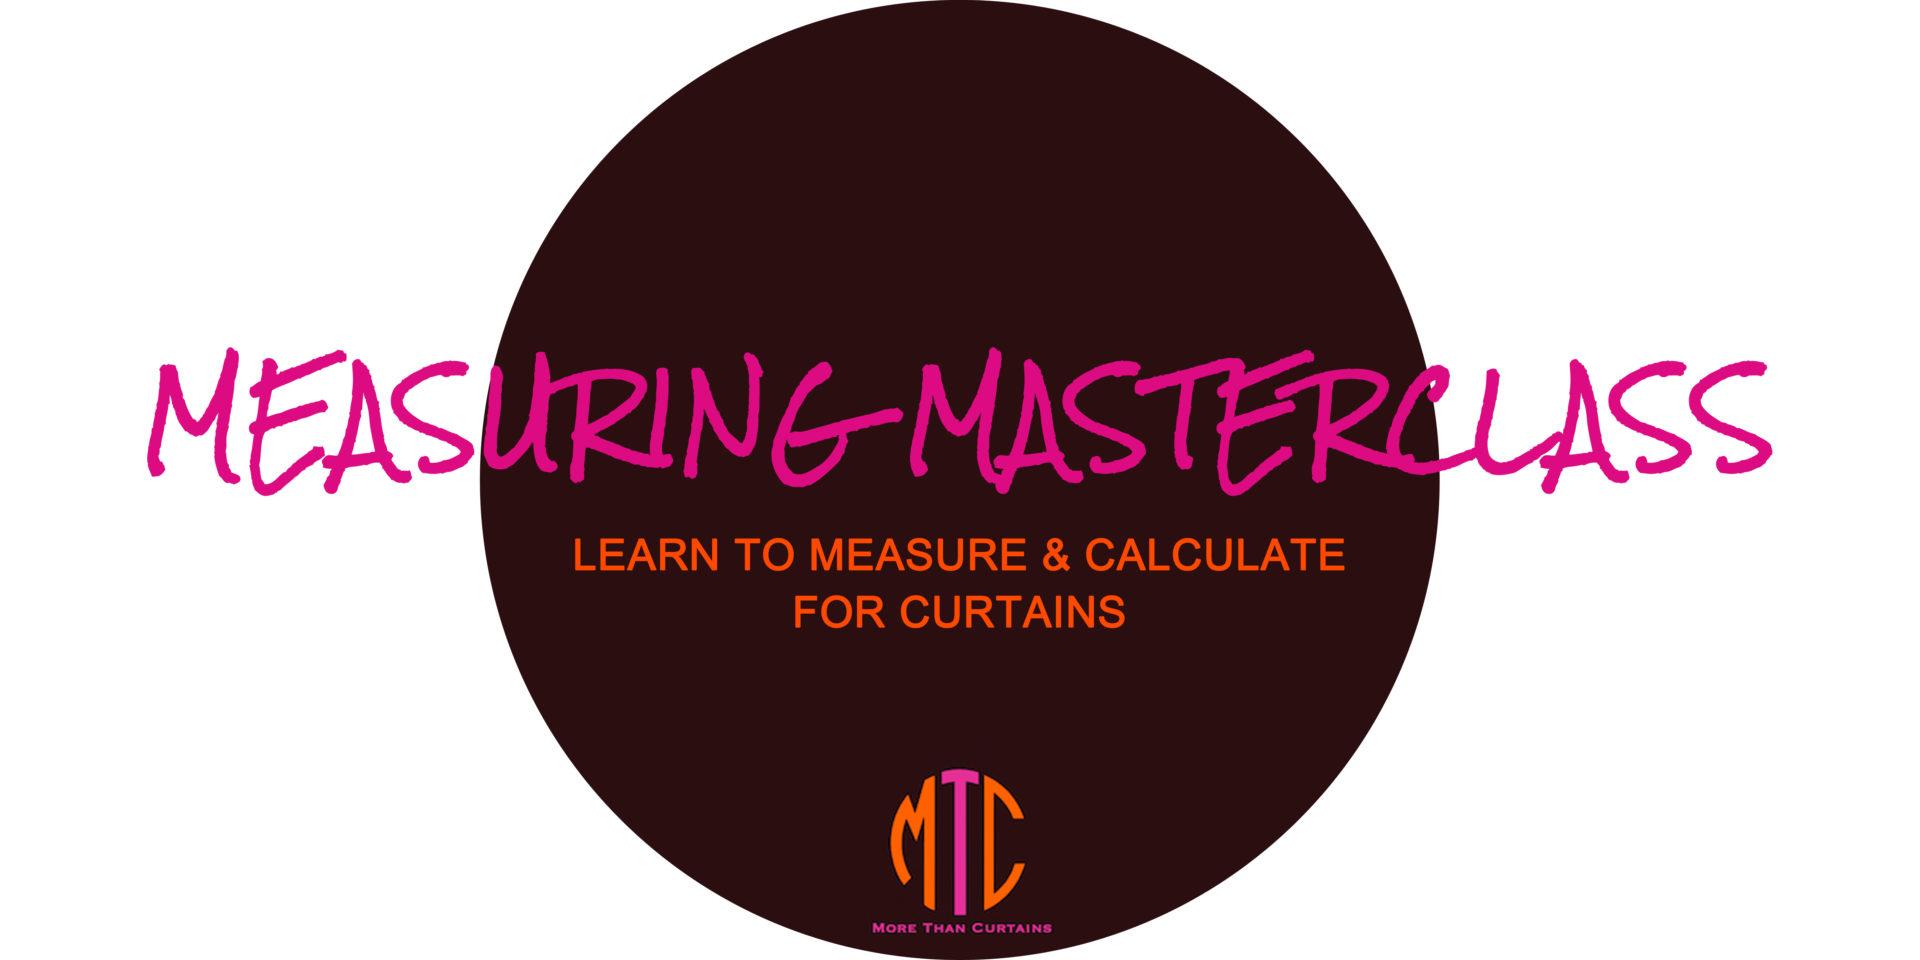 Measuring Masterclass Logo